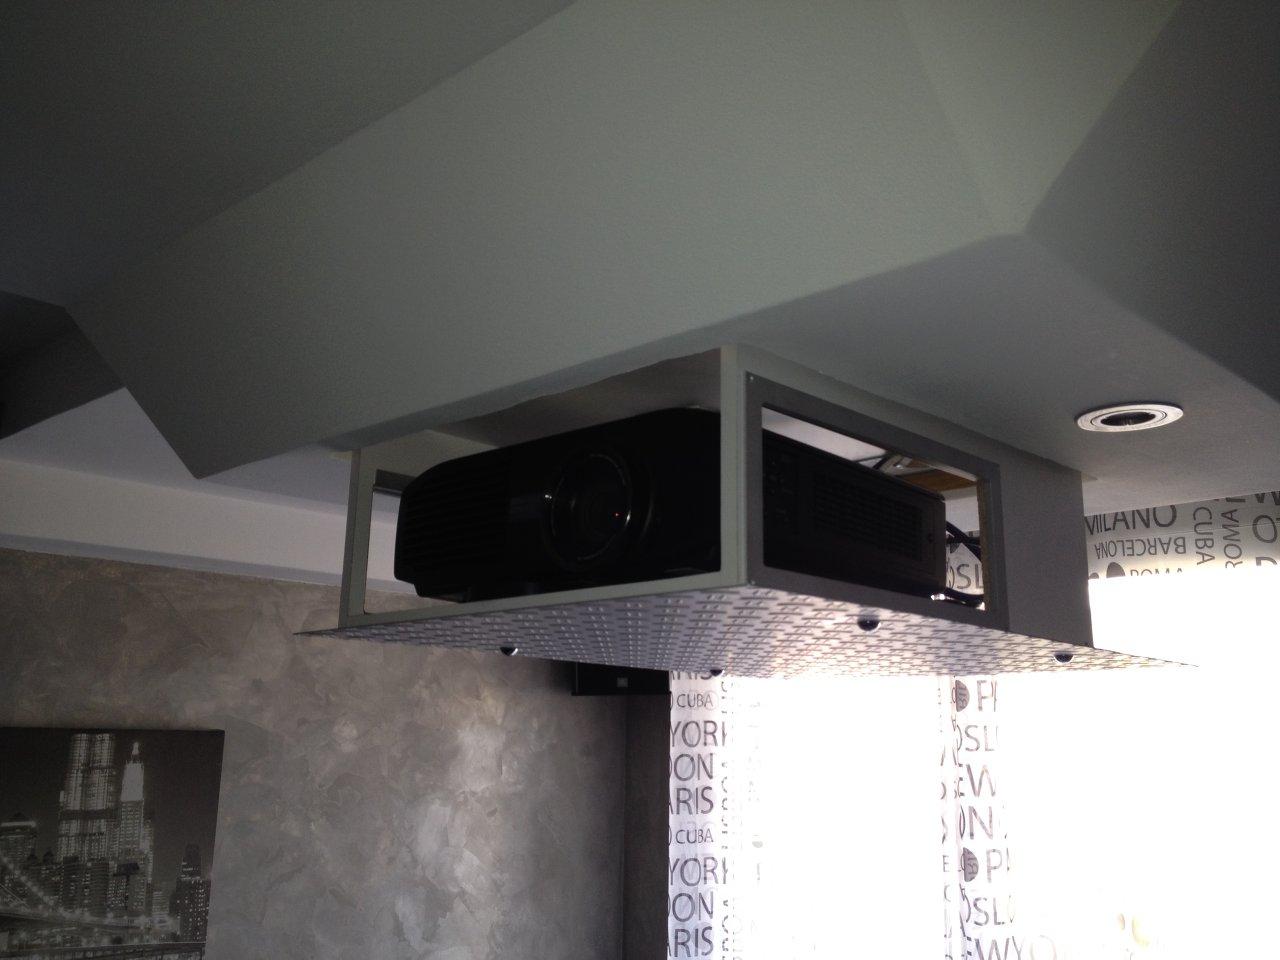 L installation home-cinéma de Frédéric J. a6c4f124332c